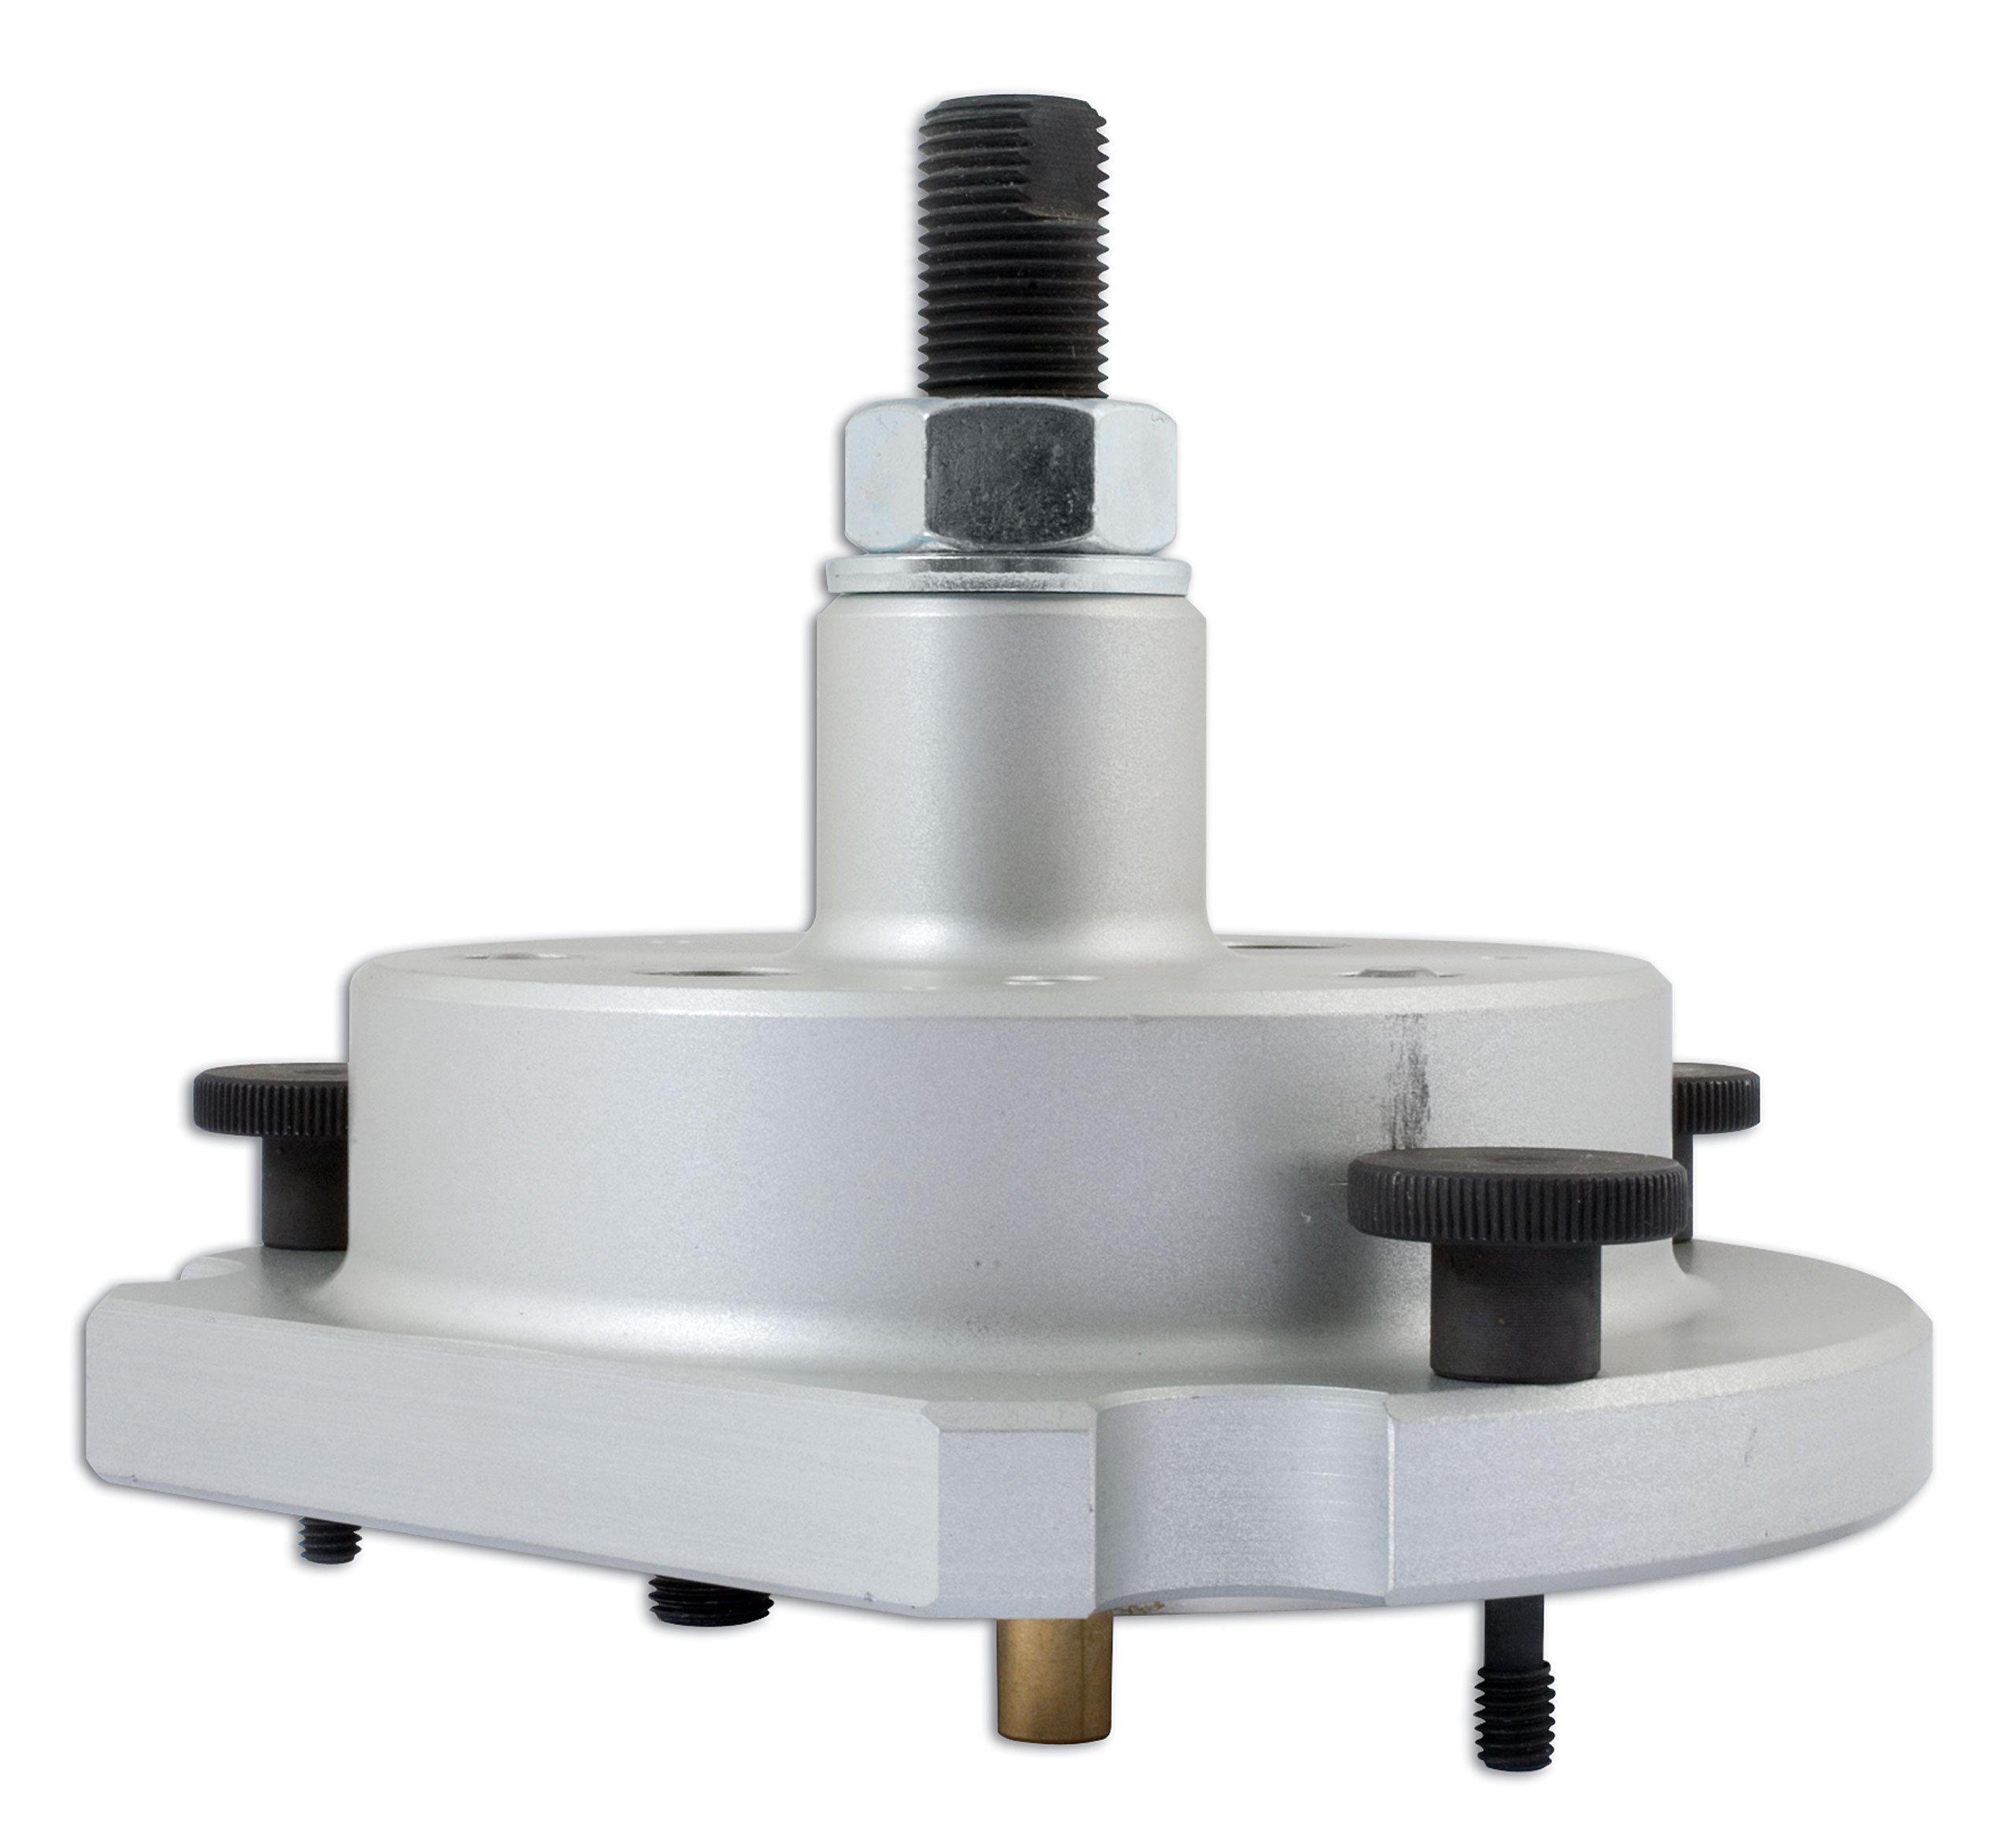 Laser - 4795 Crankshaft Seal Installing Tool VAG 1.4 1.6 16V by Laser (Image #2)